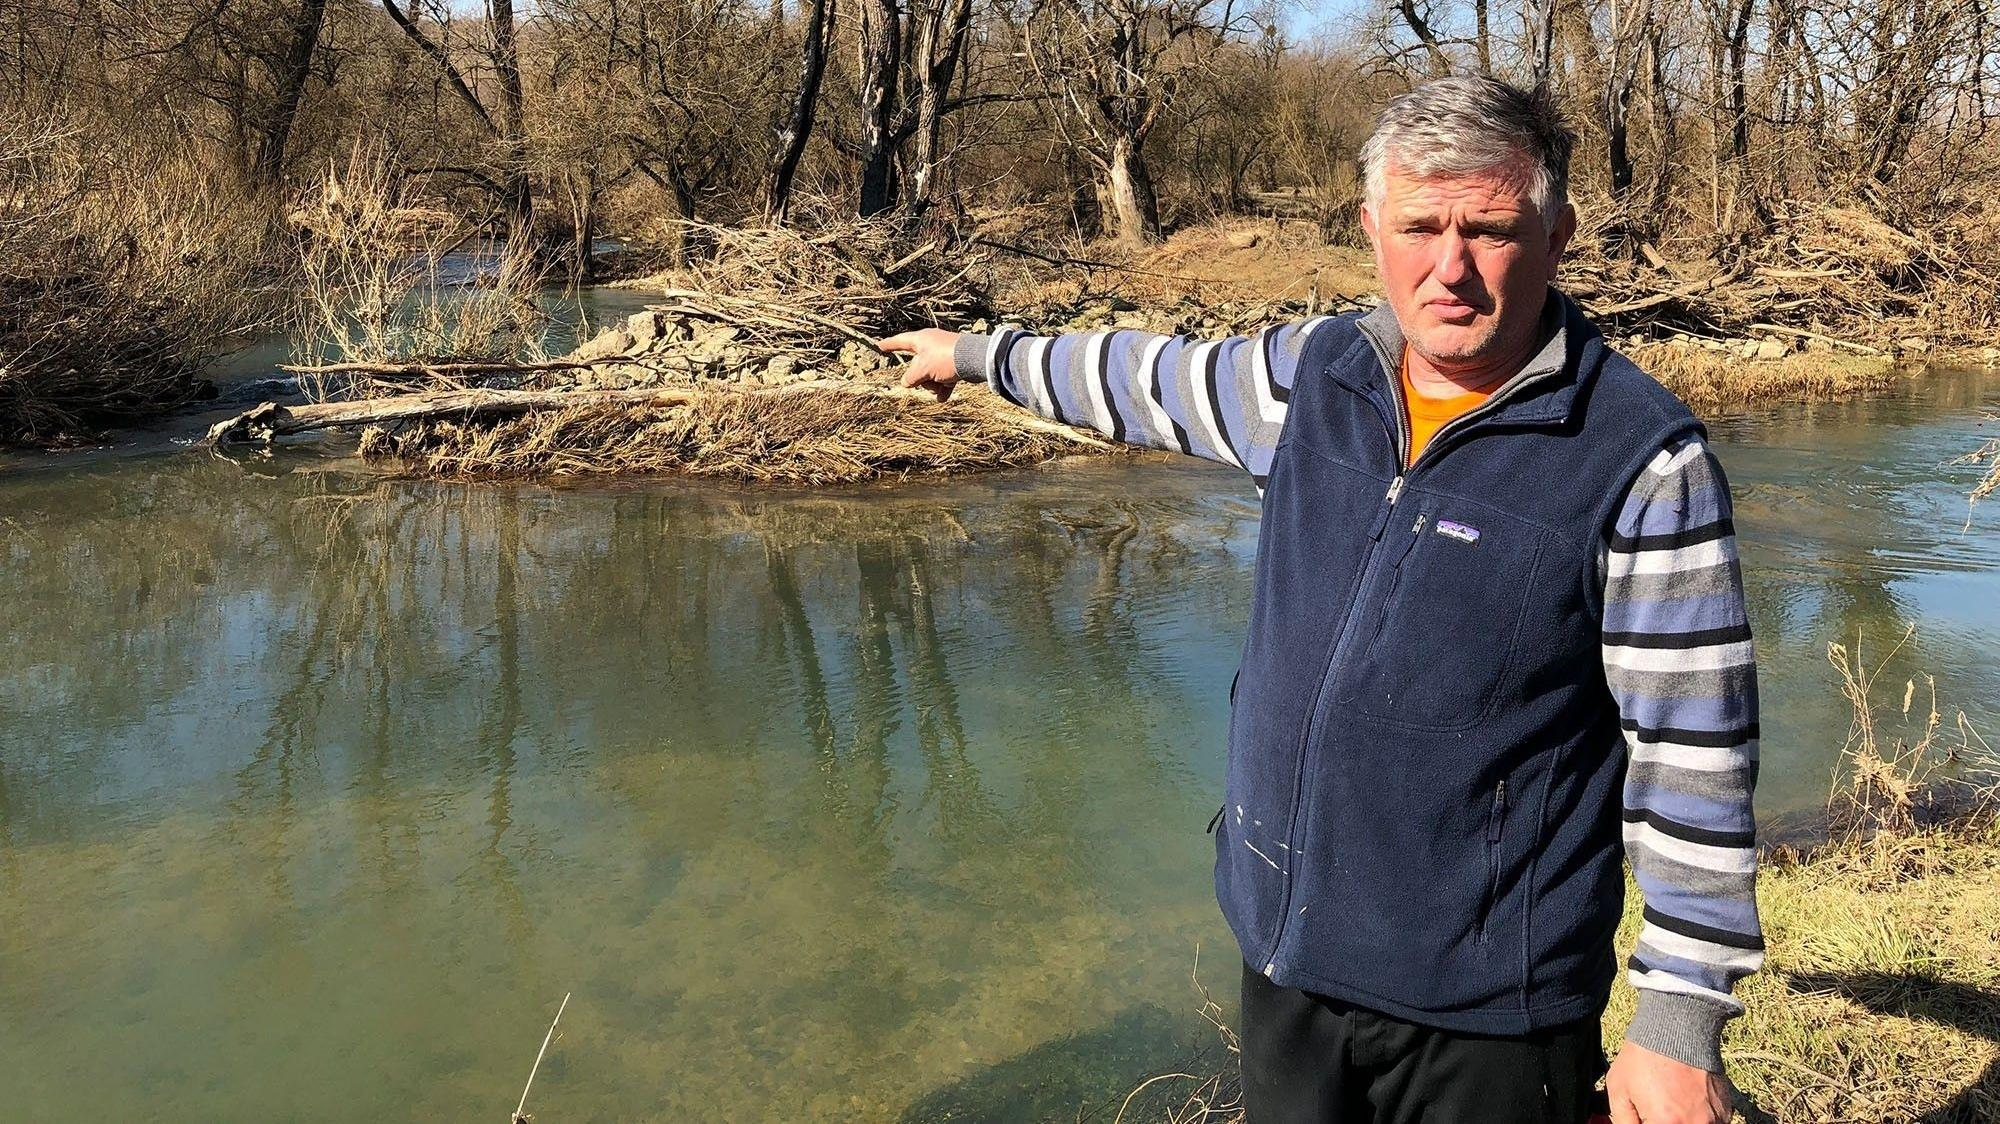 Rasim Ruždić zeigt auf die Stelle im Fluss Korana, wo der Körper von Ihsanudin Gull Muhammad gefunden wurde.